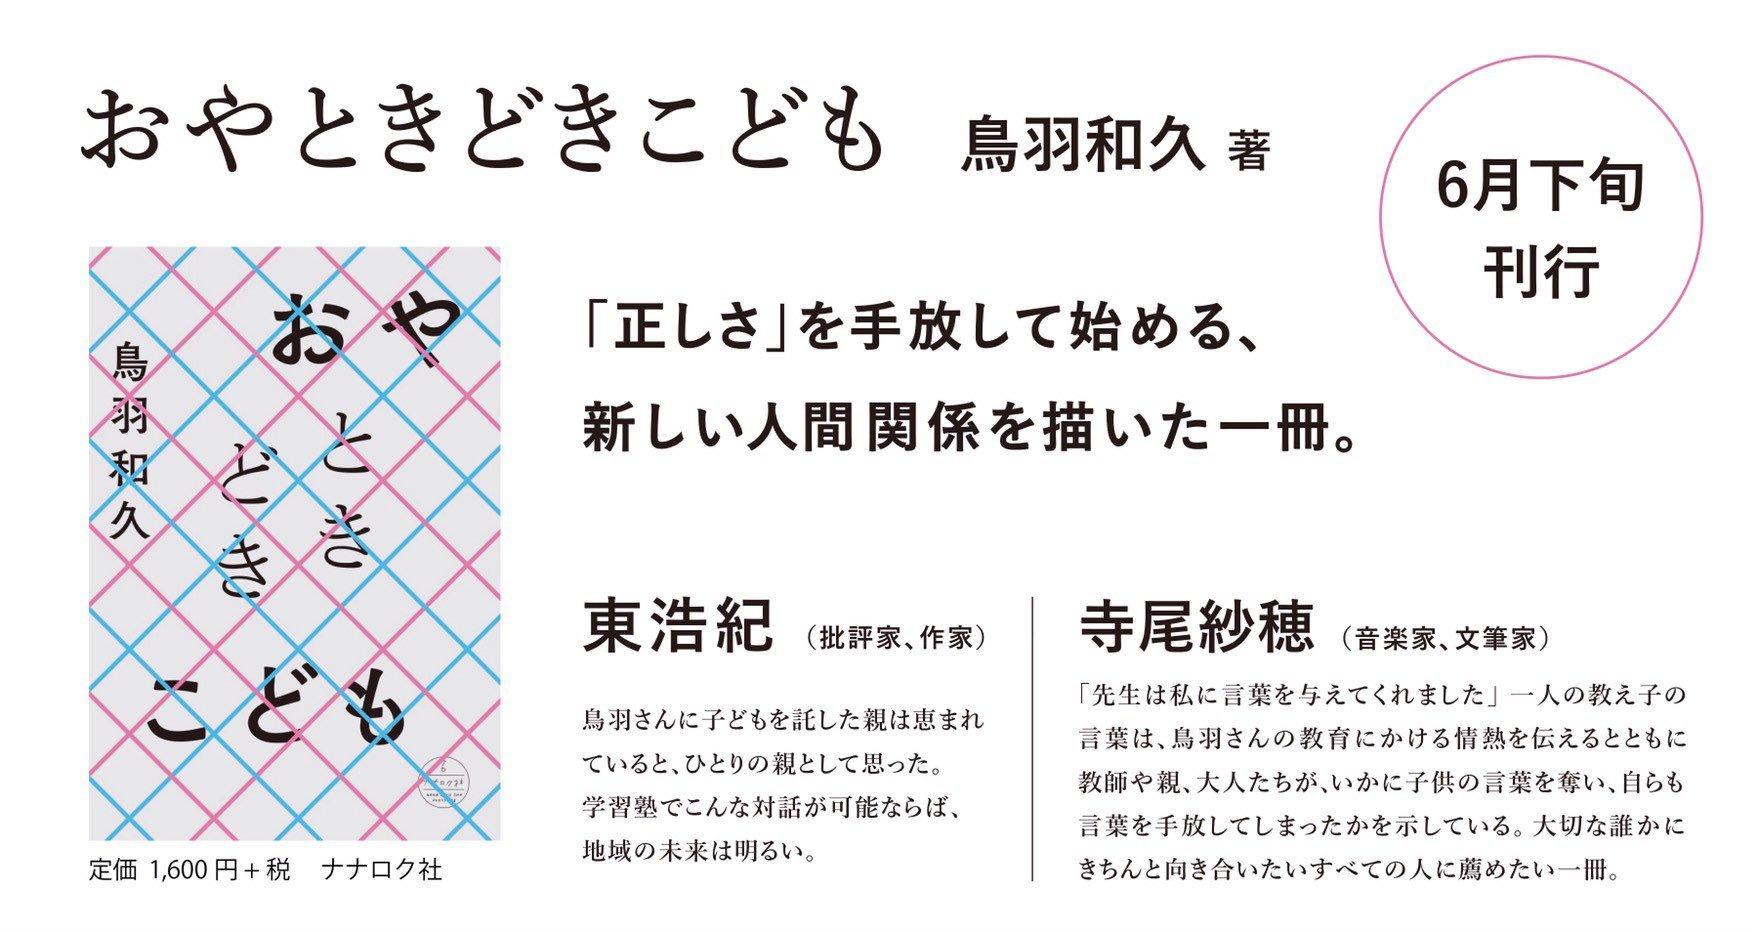 新しい本『おやときどきこども』(ナナロク社)が発売になります_d0116009_09220082.jpg